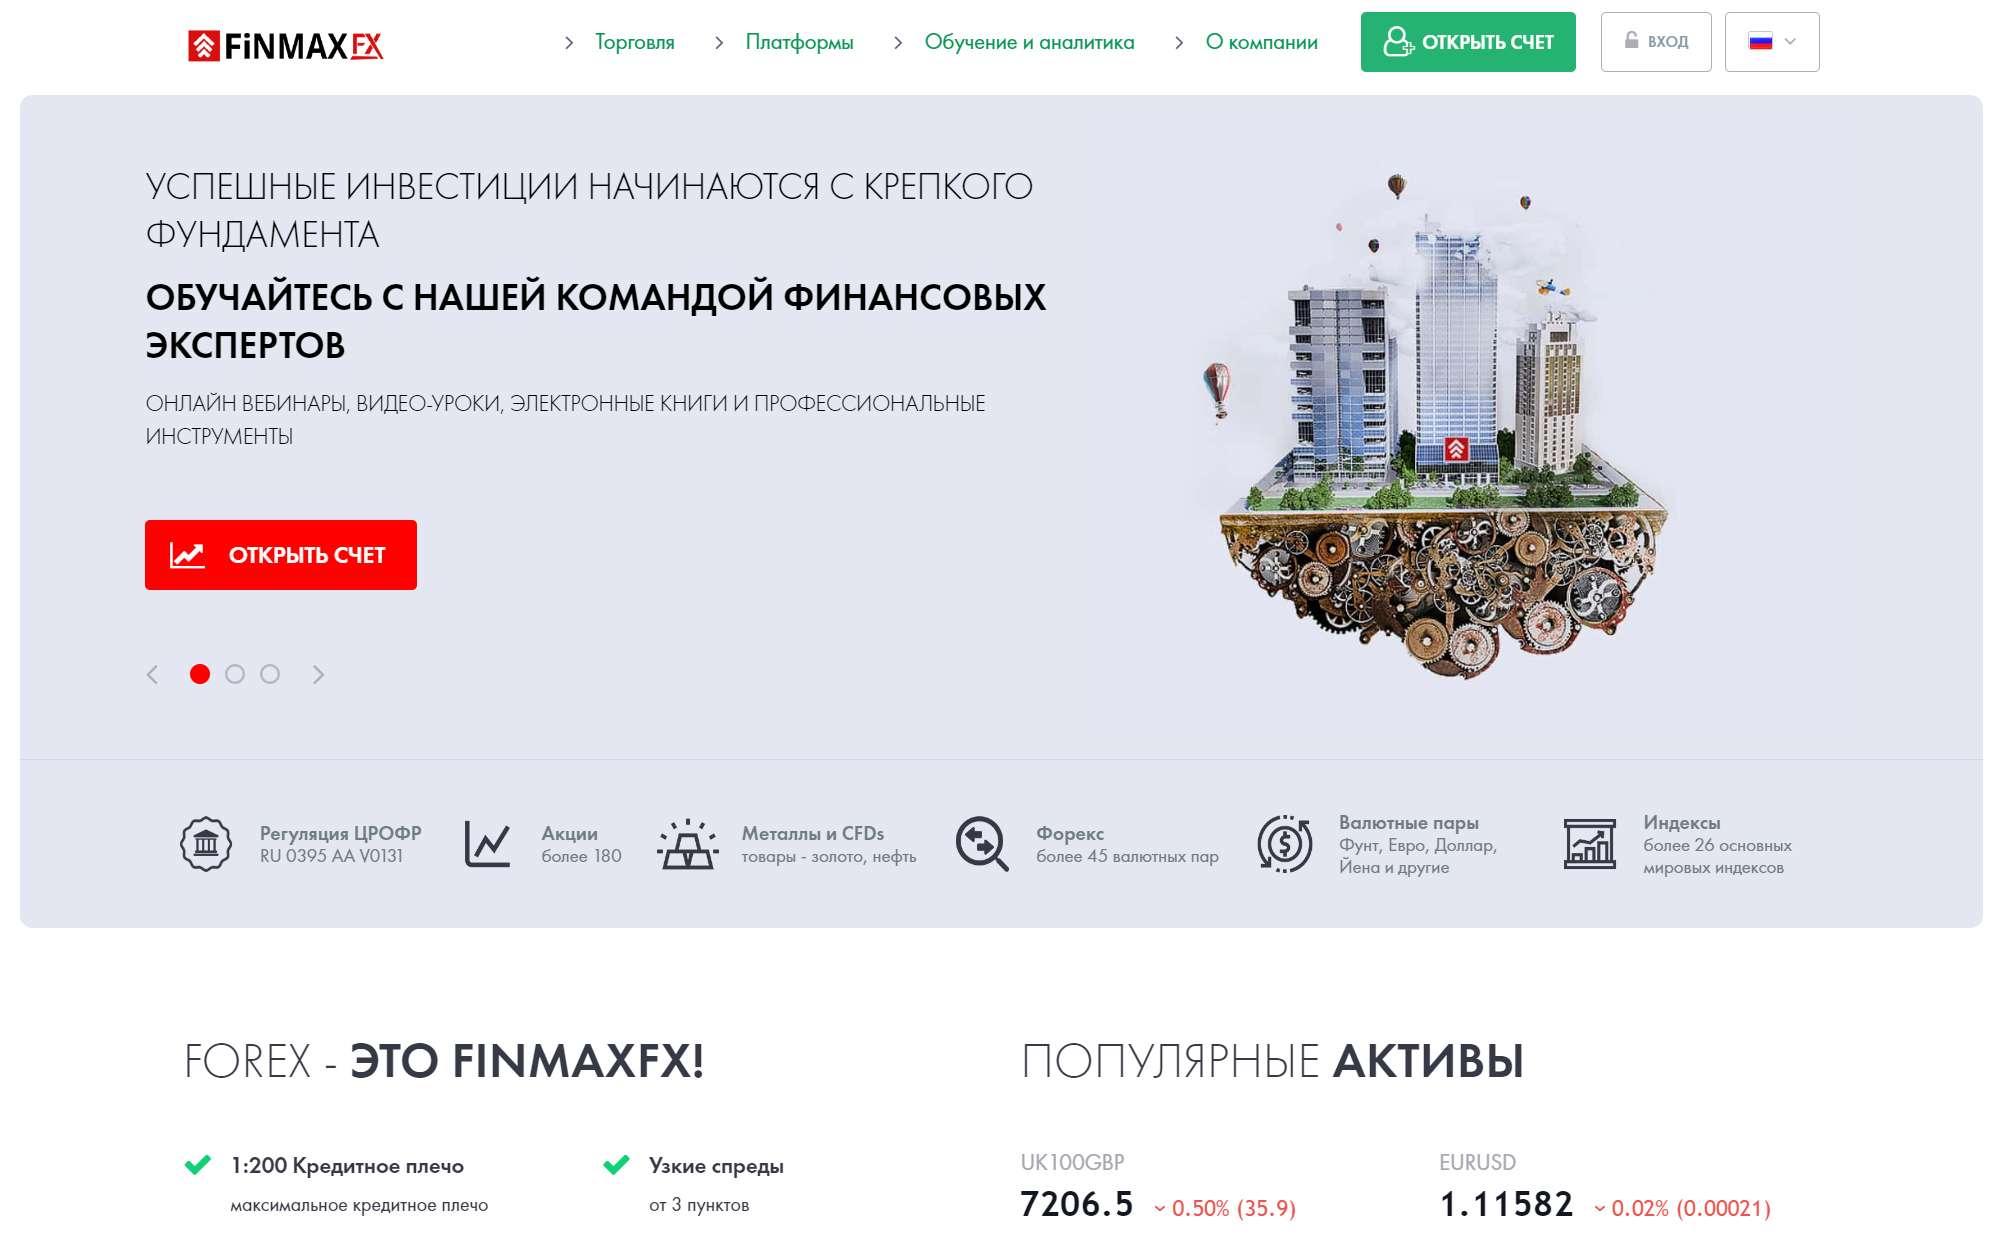 FINMAX - Зарабатываем с FinmaxFX, или как организовать прибыльную и быструю торговлю на Форекс.